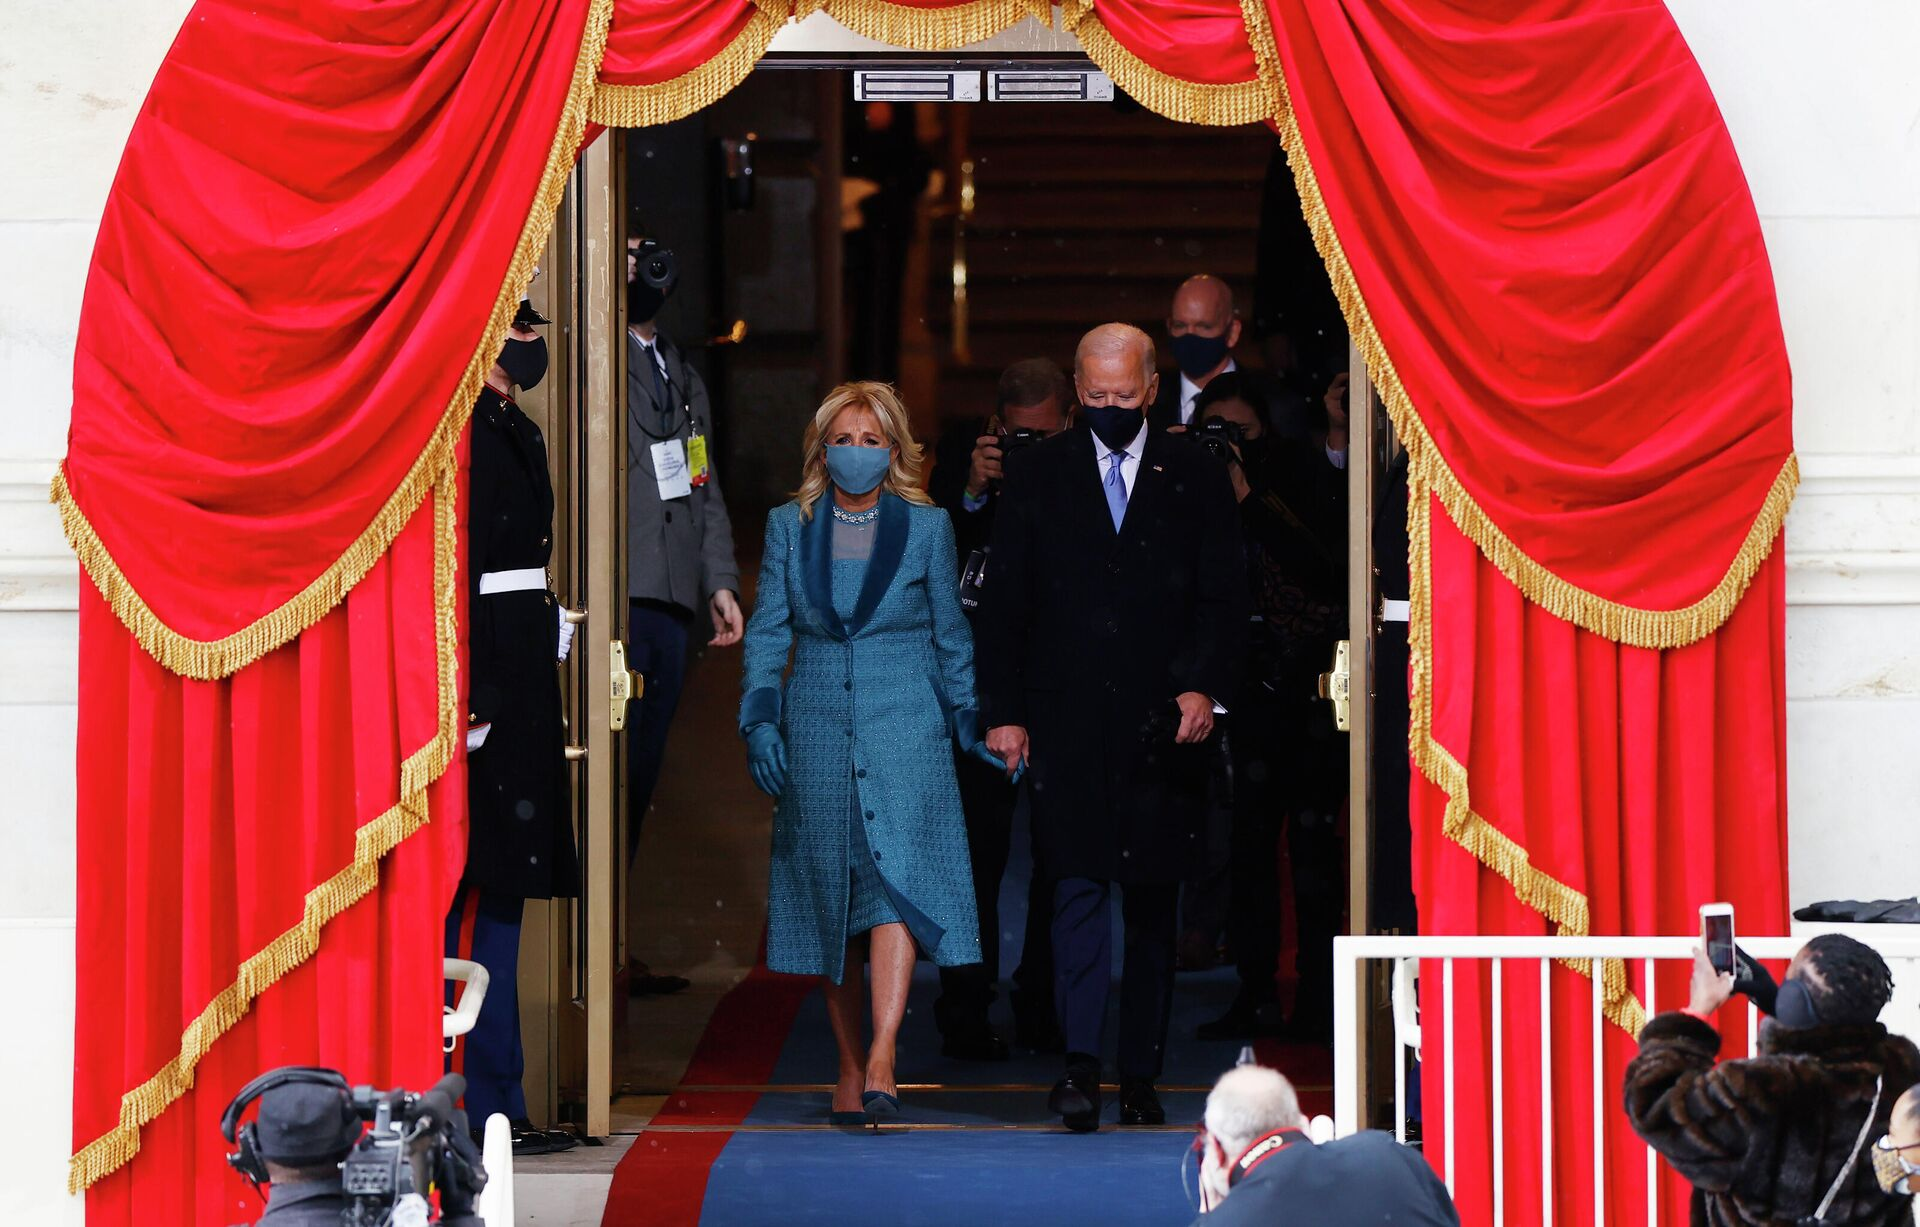 Избранный президент США Джозеф Байден с супругой Джилл во время инаугурации - ПРОФИ Новости, 1920, 21.01.2021